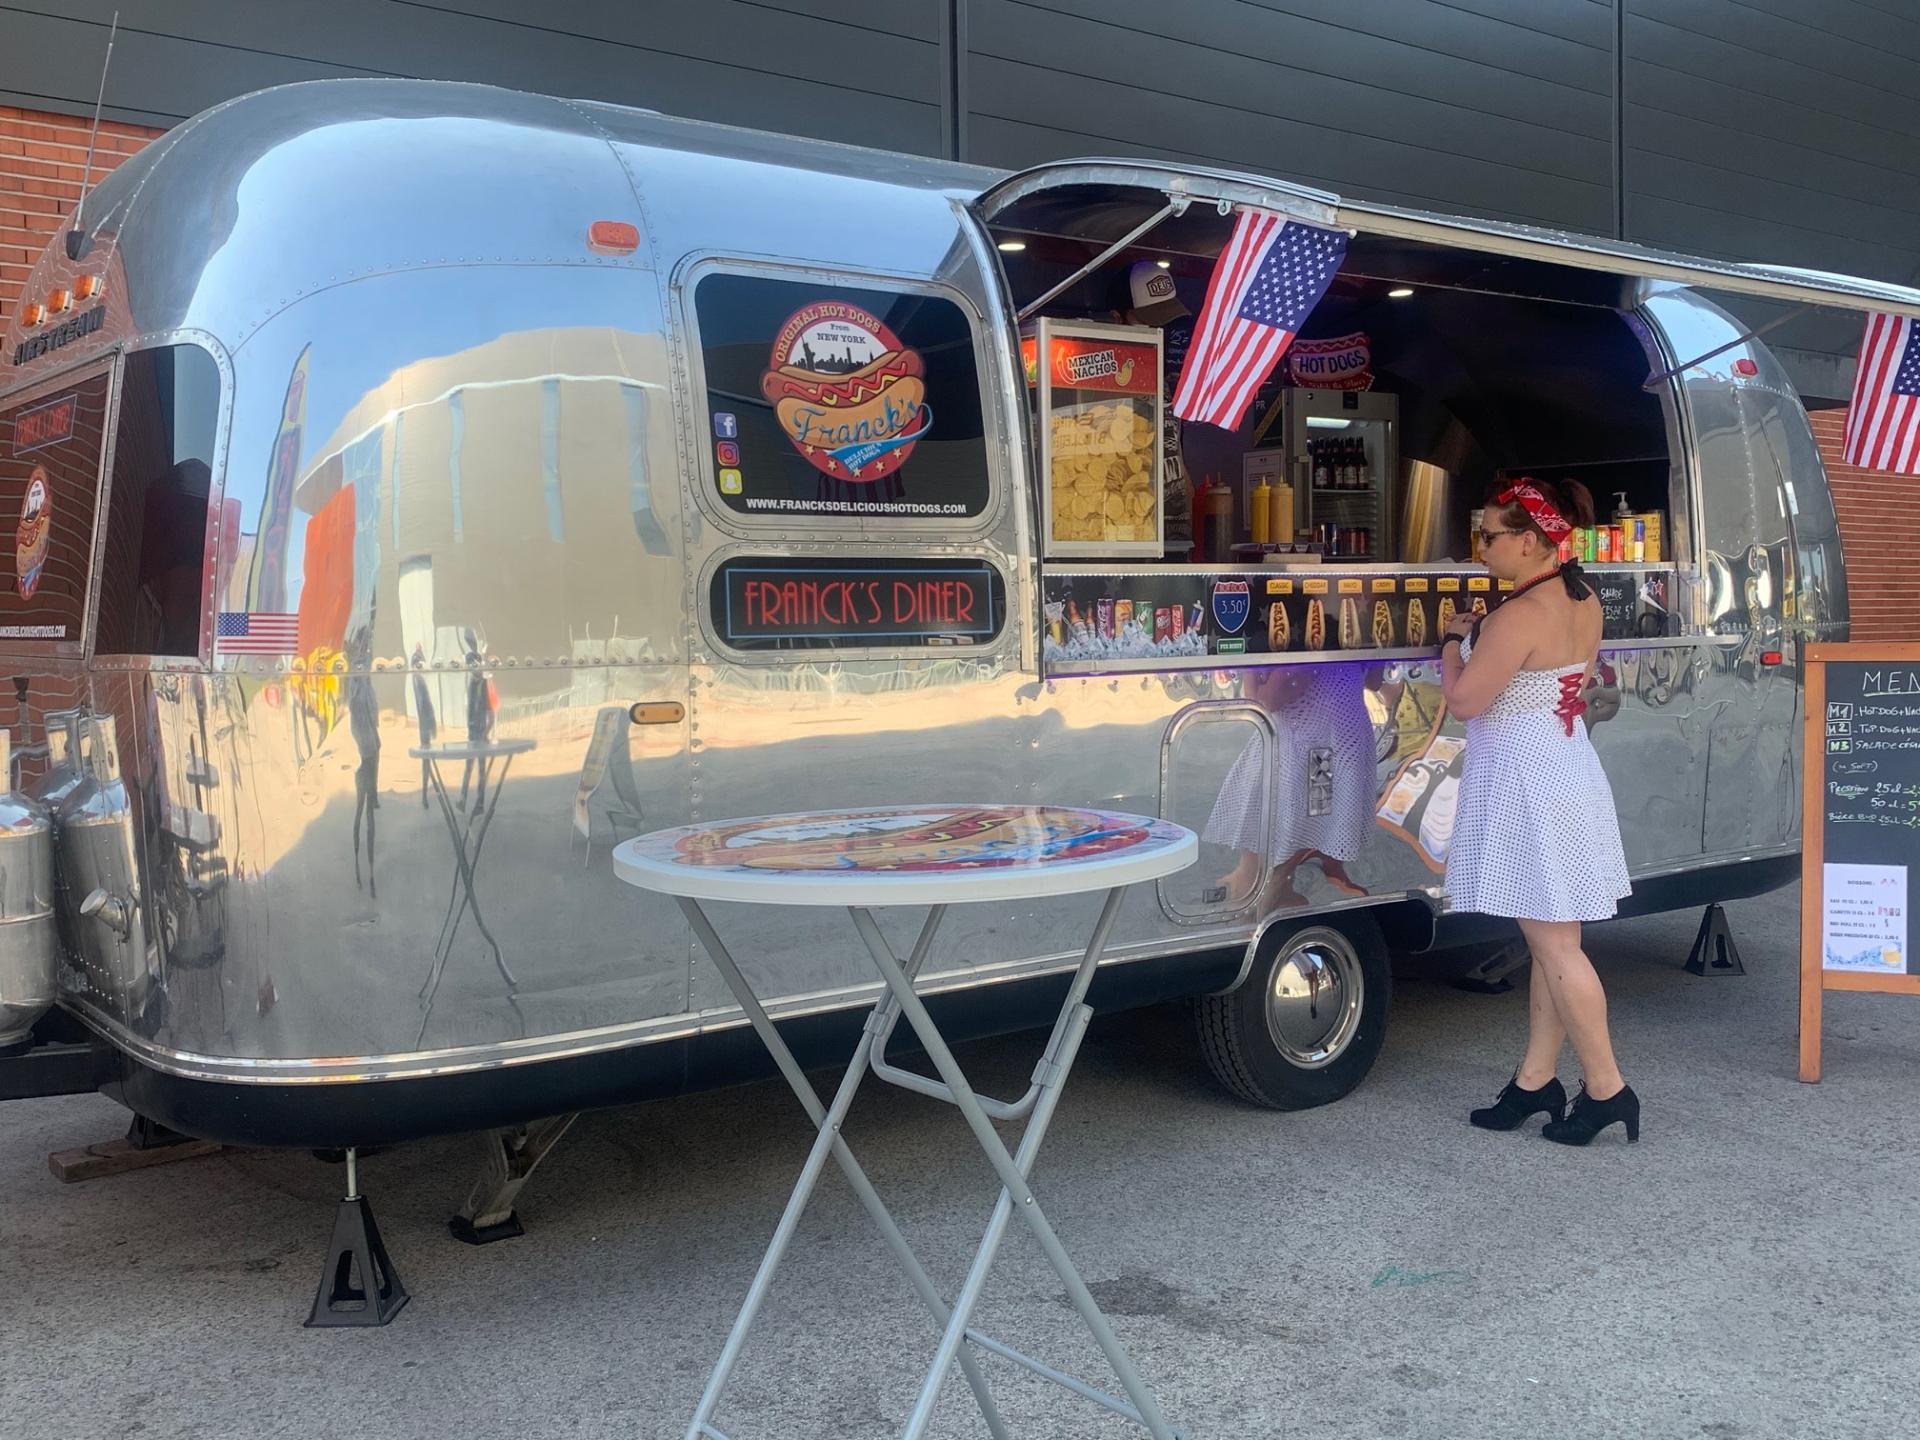 Foodtruck Airstream «Franck's Diner»